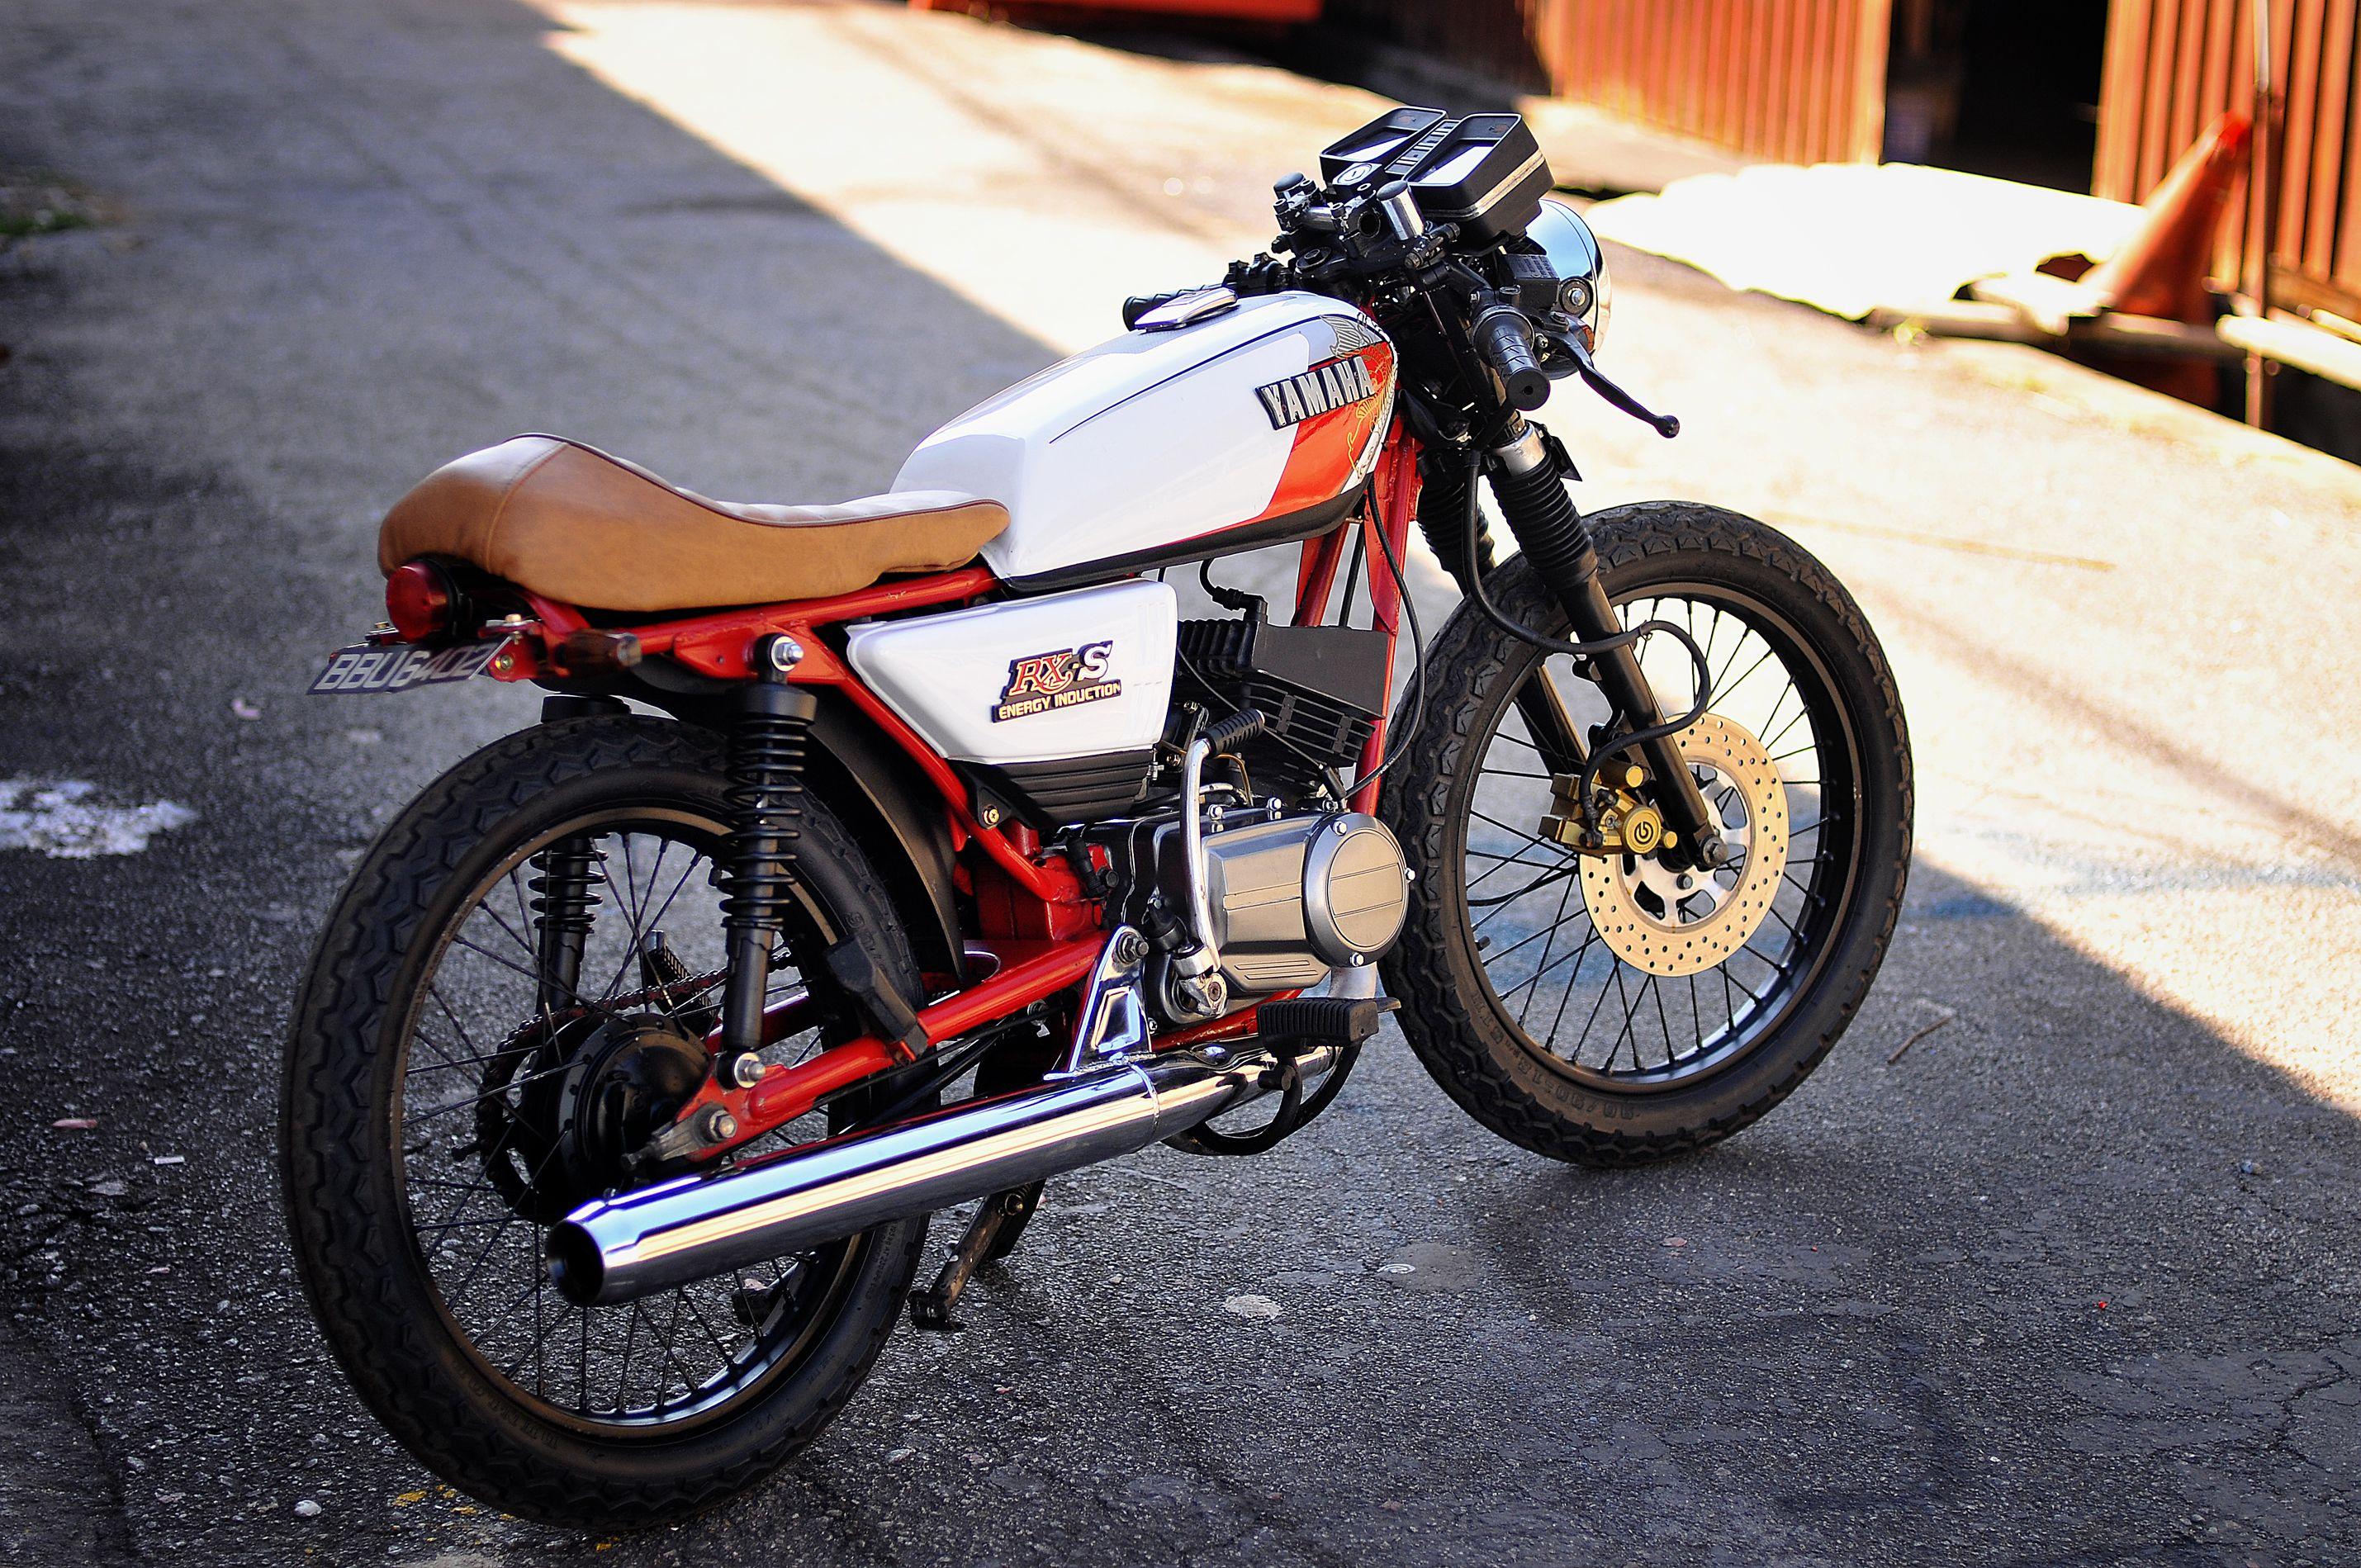 Yamaha Rxs 115 1983 Caferacer Mode Transfomation Rosli Anok